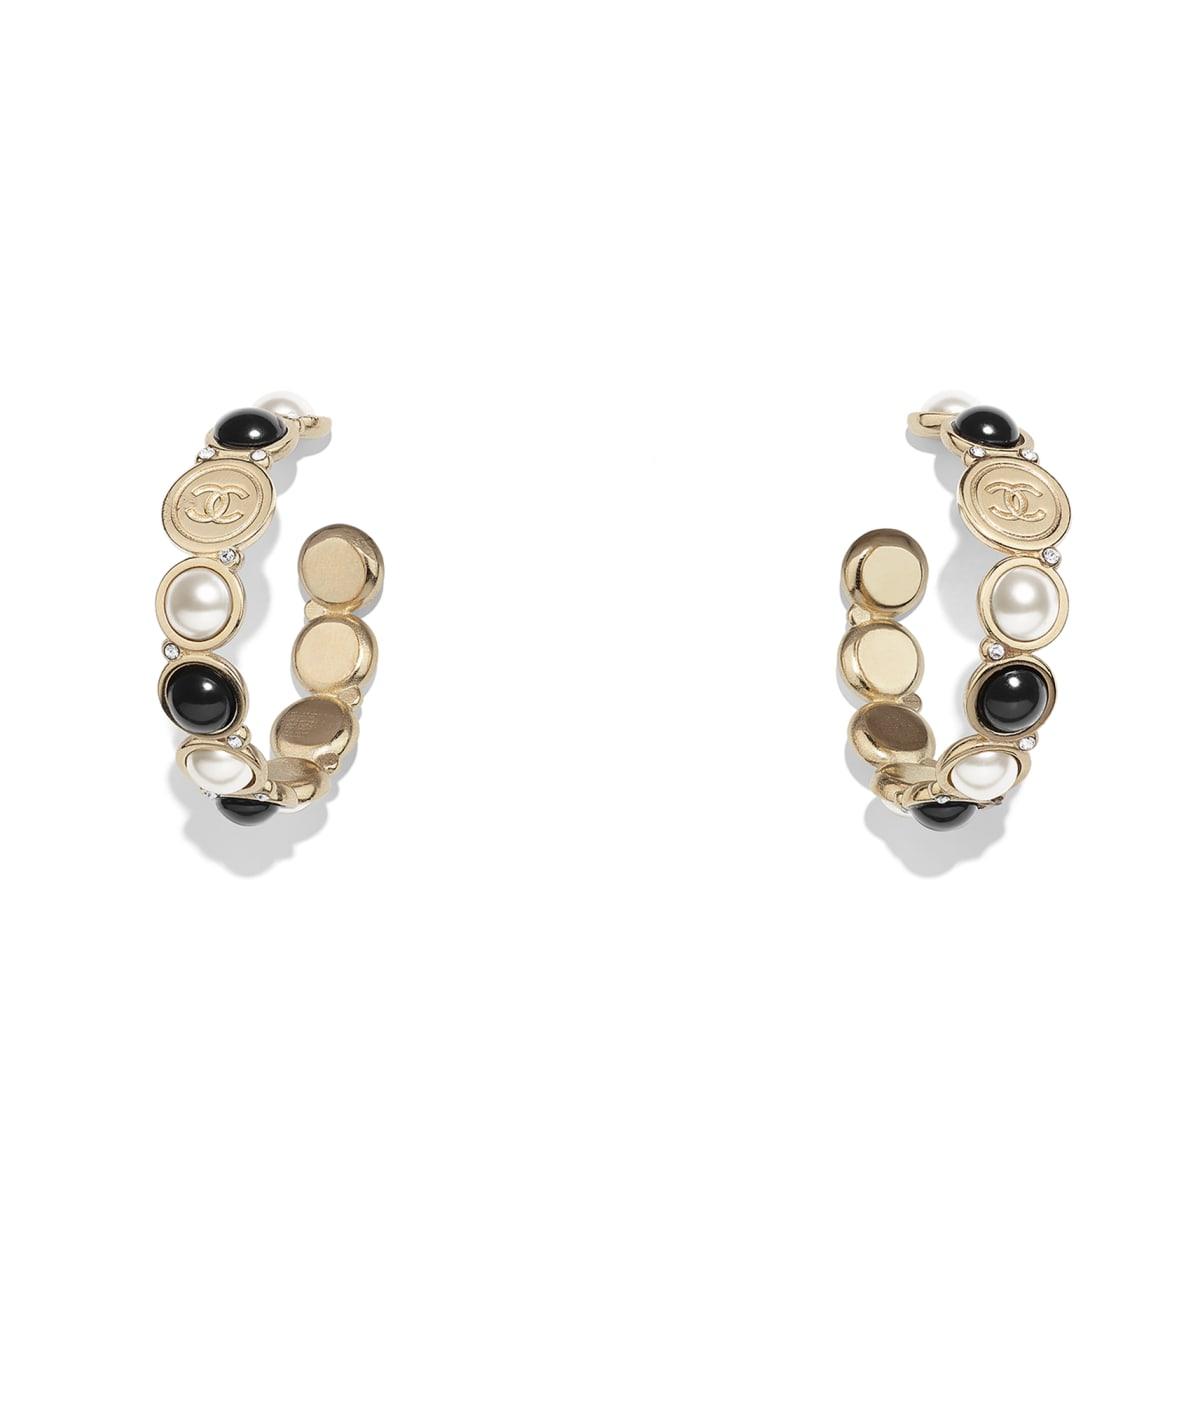 611b0145 Earrings - Costume Jewelry - CHANEL